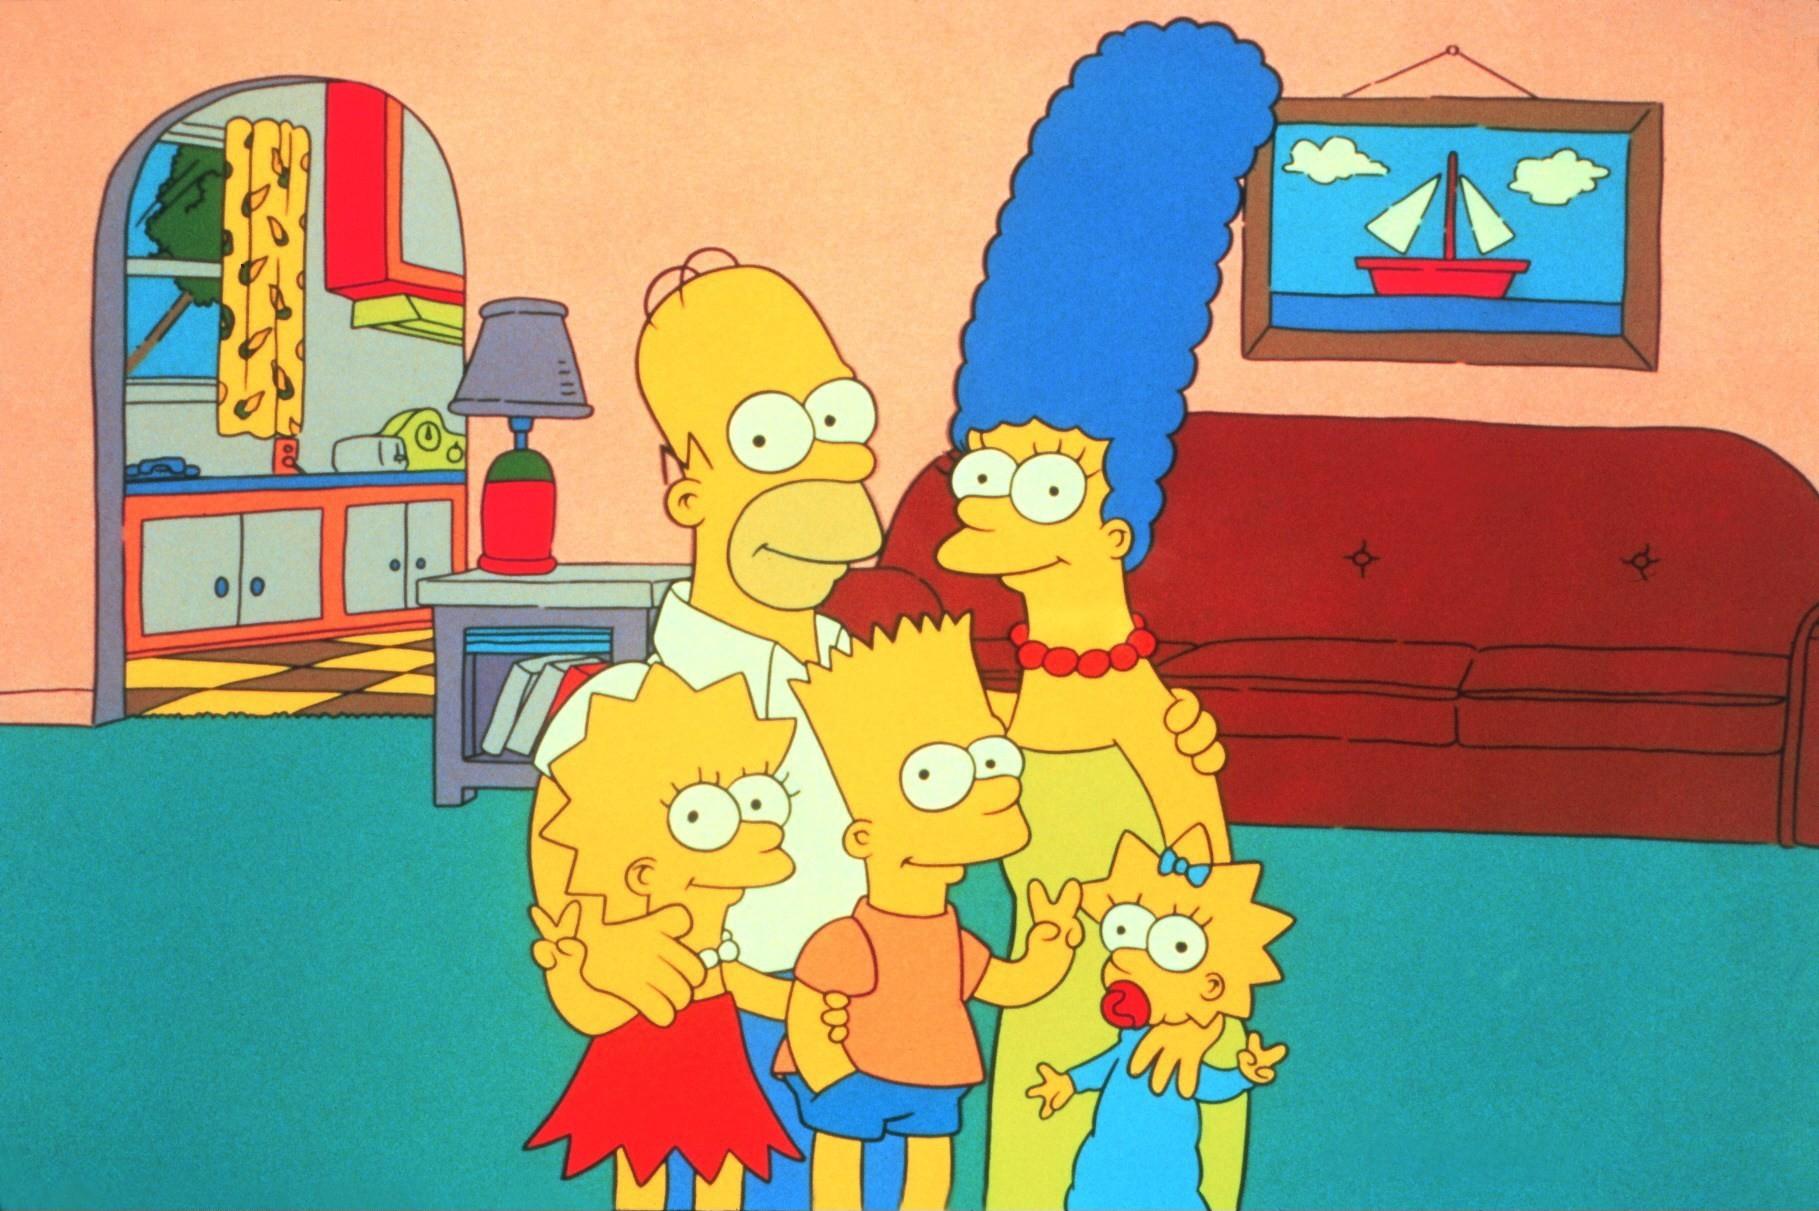 Die Simpsons (The Simpsons, TV-Serie, USA 1989-?) Familie Simpson  /Zeichentrickfilm, Zeichentrick, Fernsehserie, television